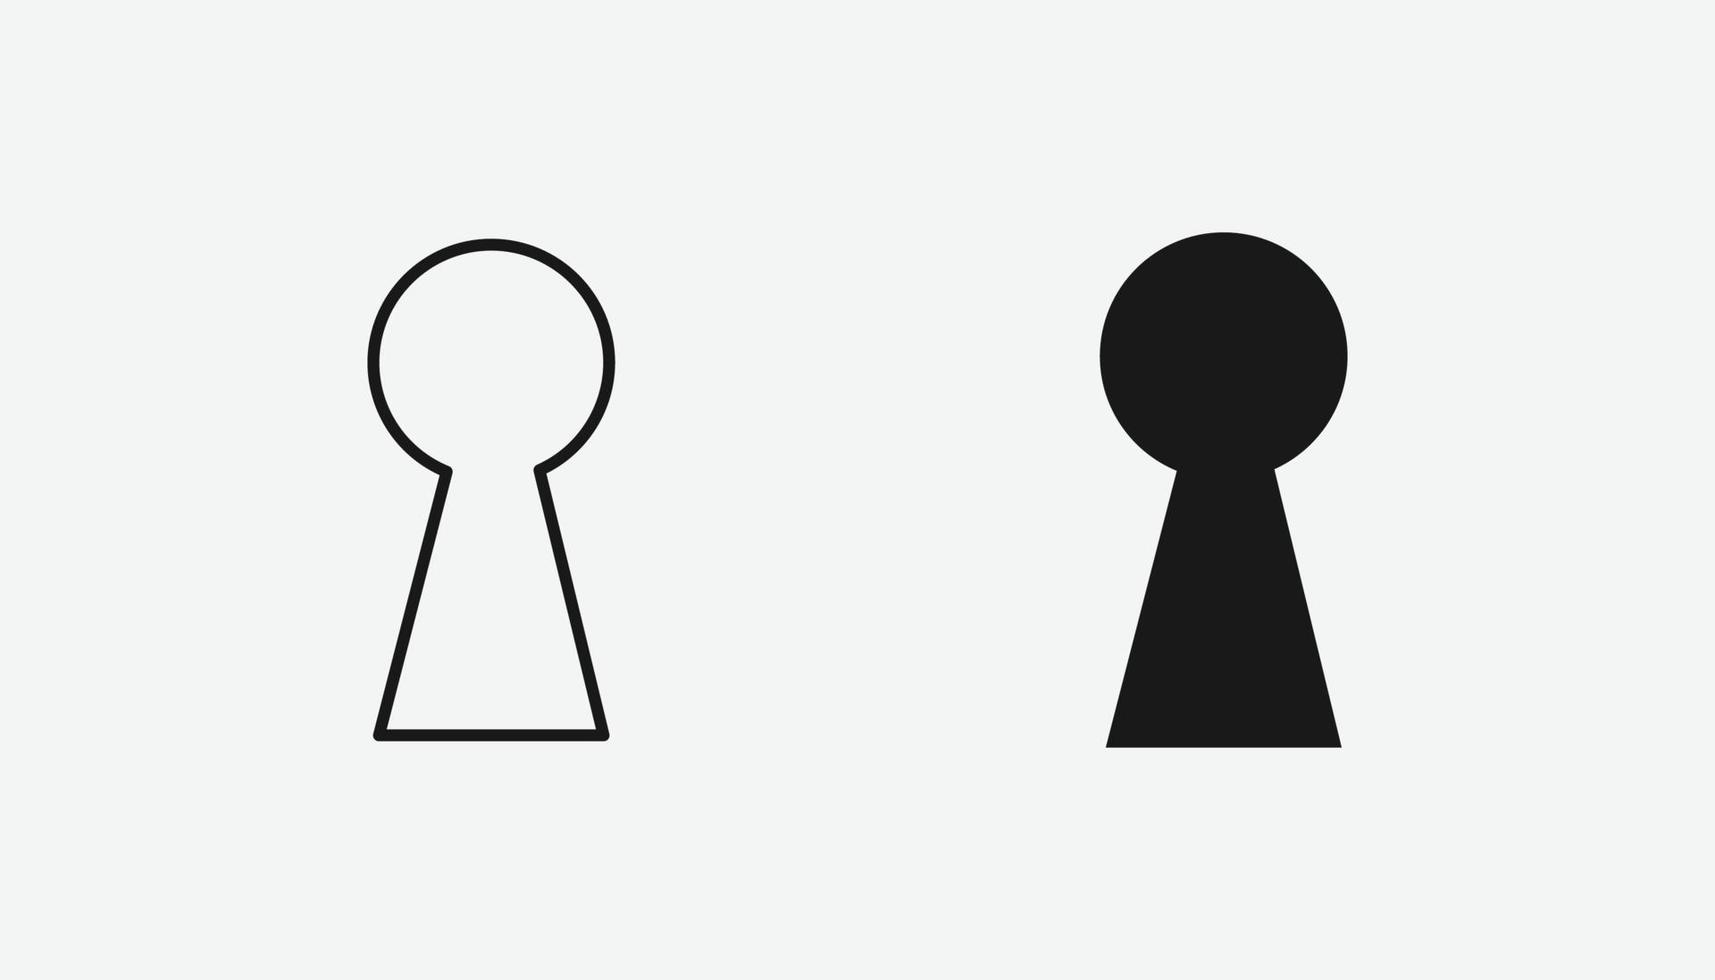 symbole d'icône de vecteur de trou de serrure pour site Web et application mobile